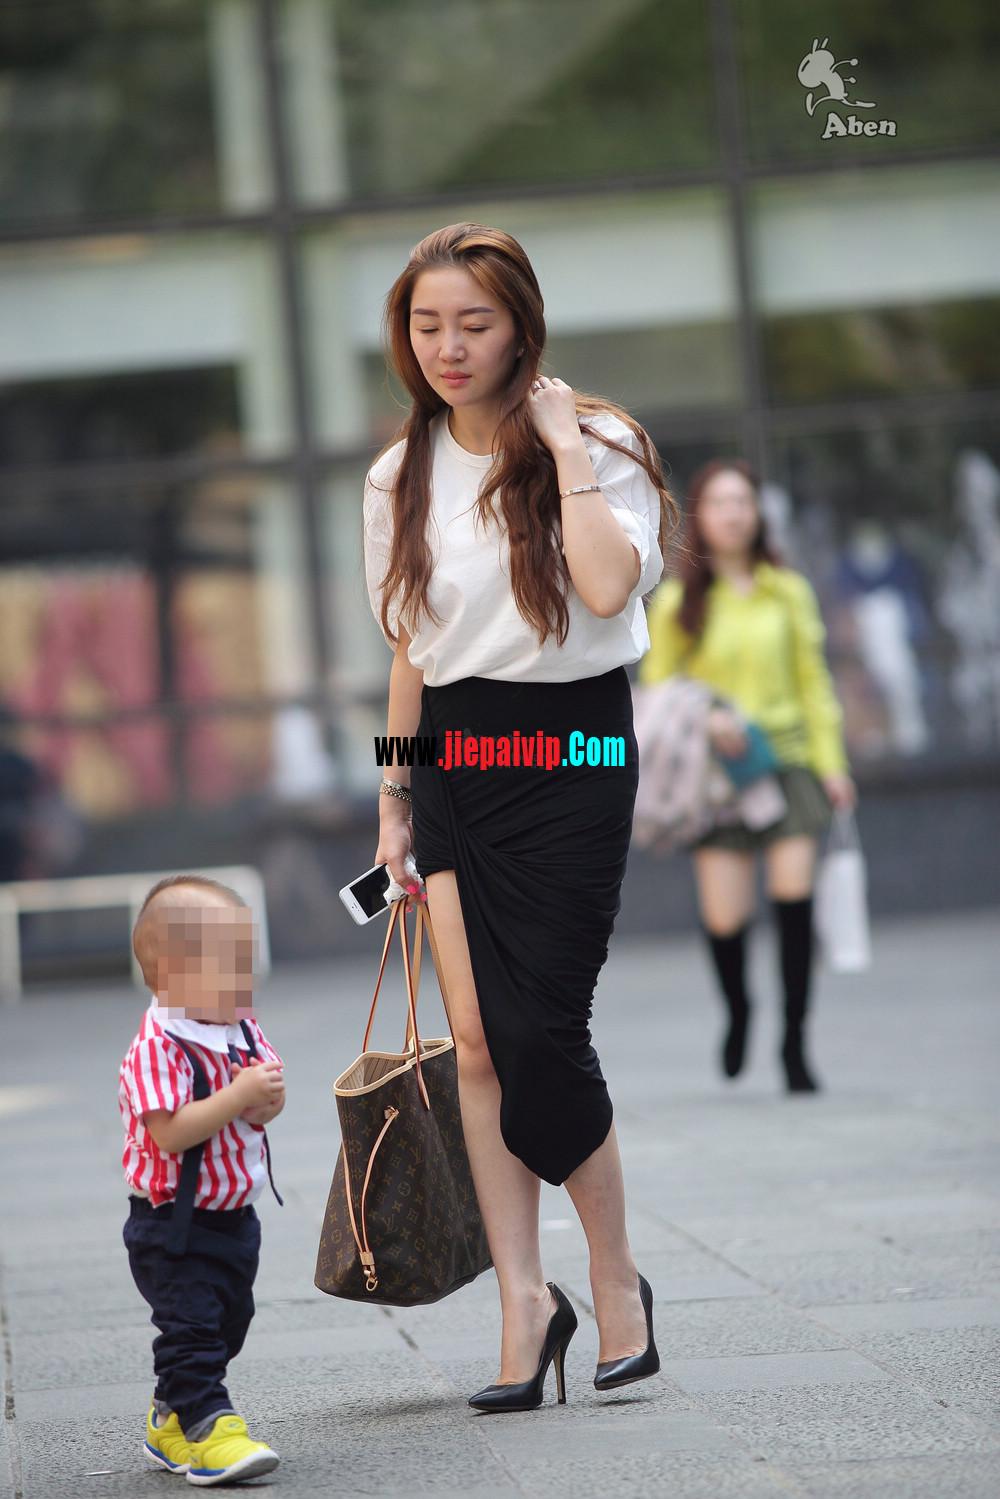 生了小孩的少妇最有魅力,美臀黑裙美腿高跟少妇8